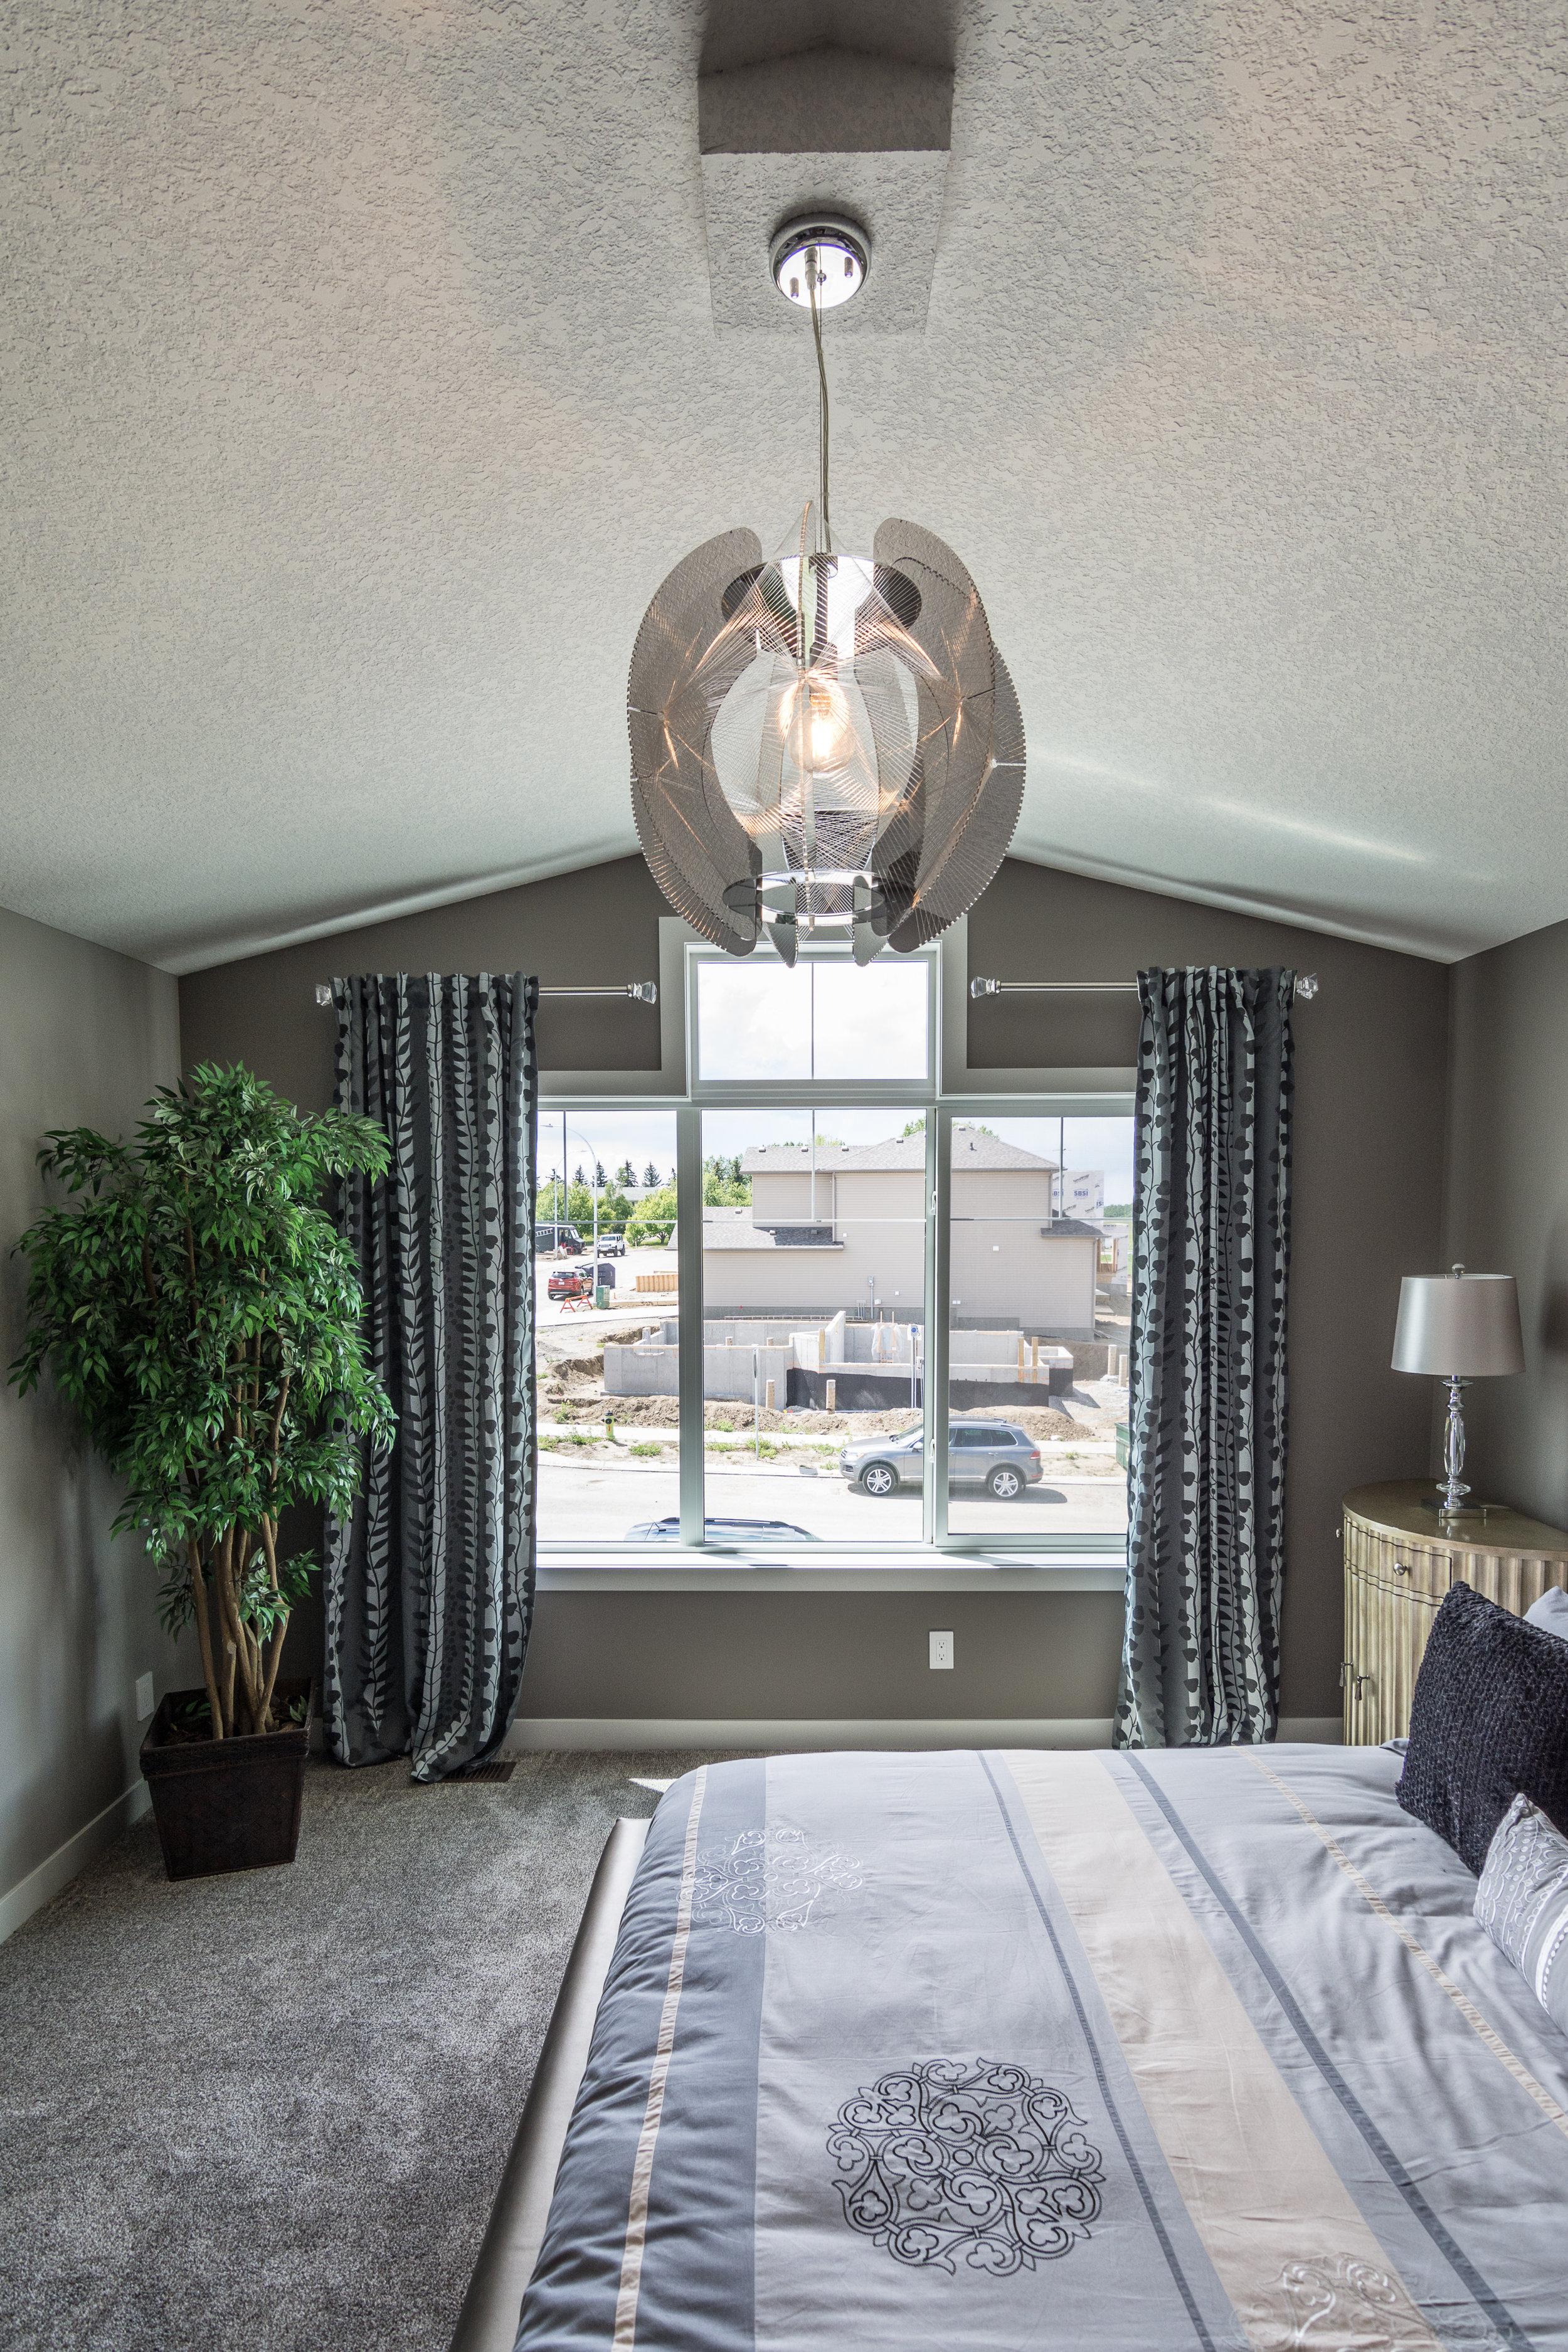 28-master bedroom 1-1702.jpg